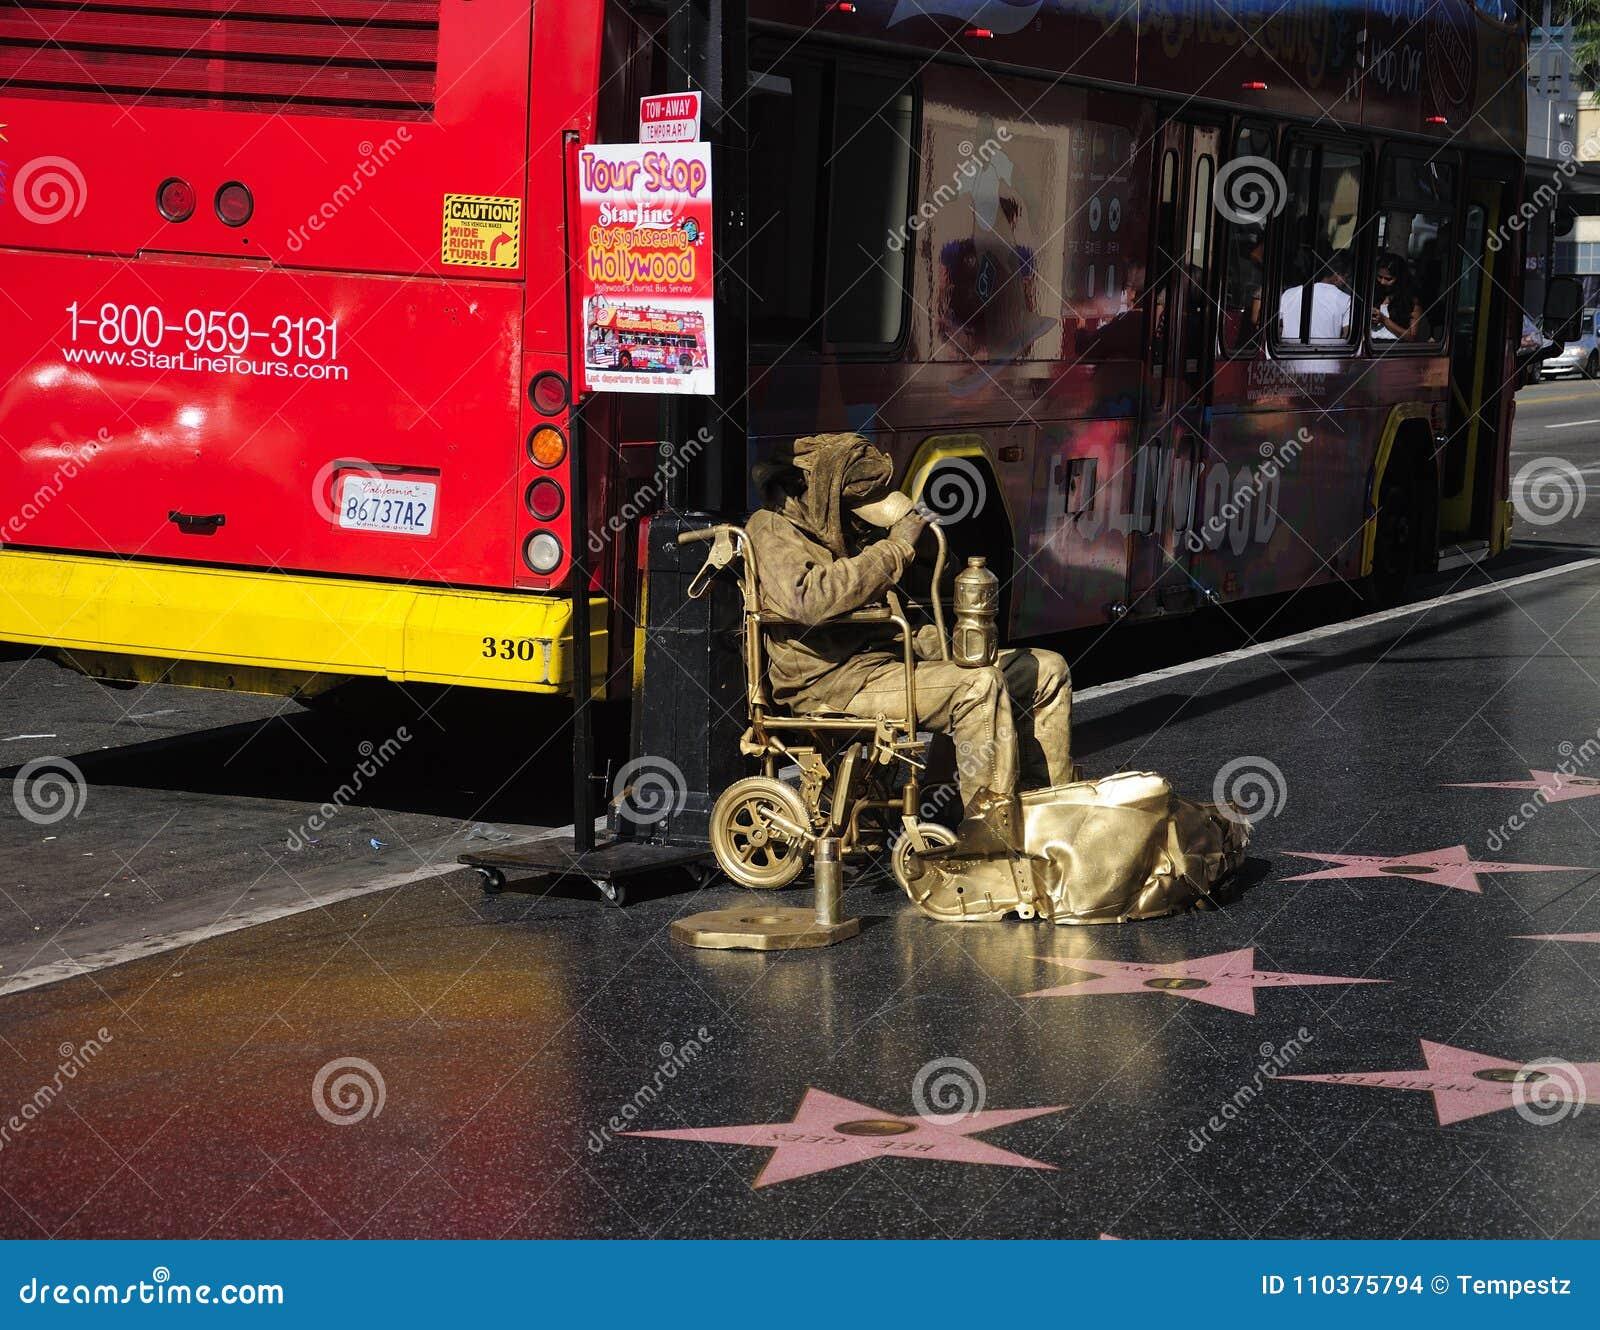 好莱坞星光大道金人洛杉矶